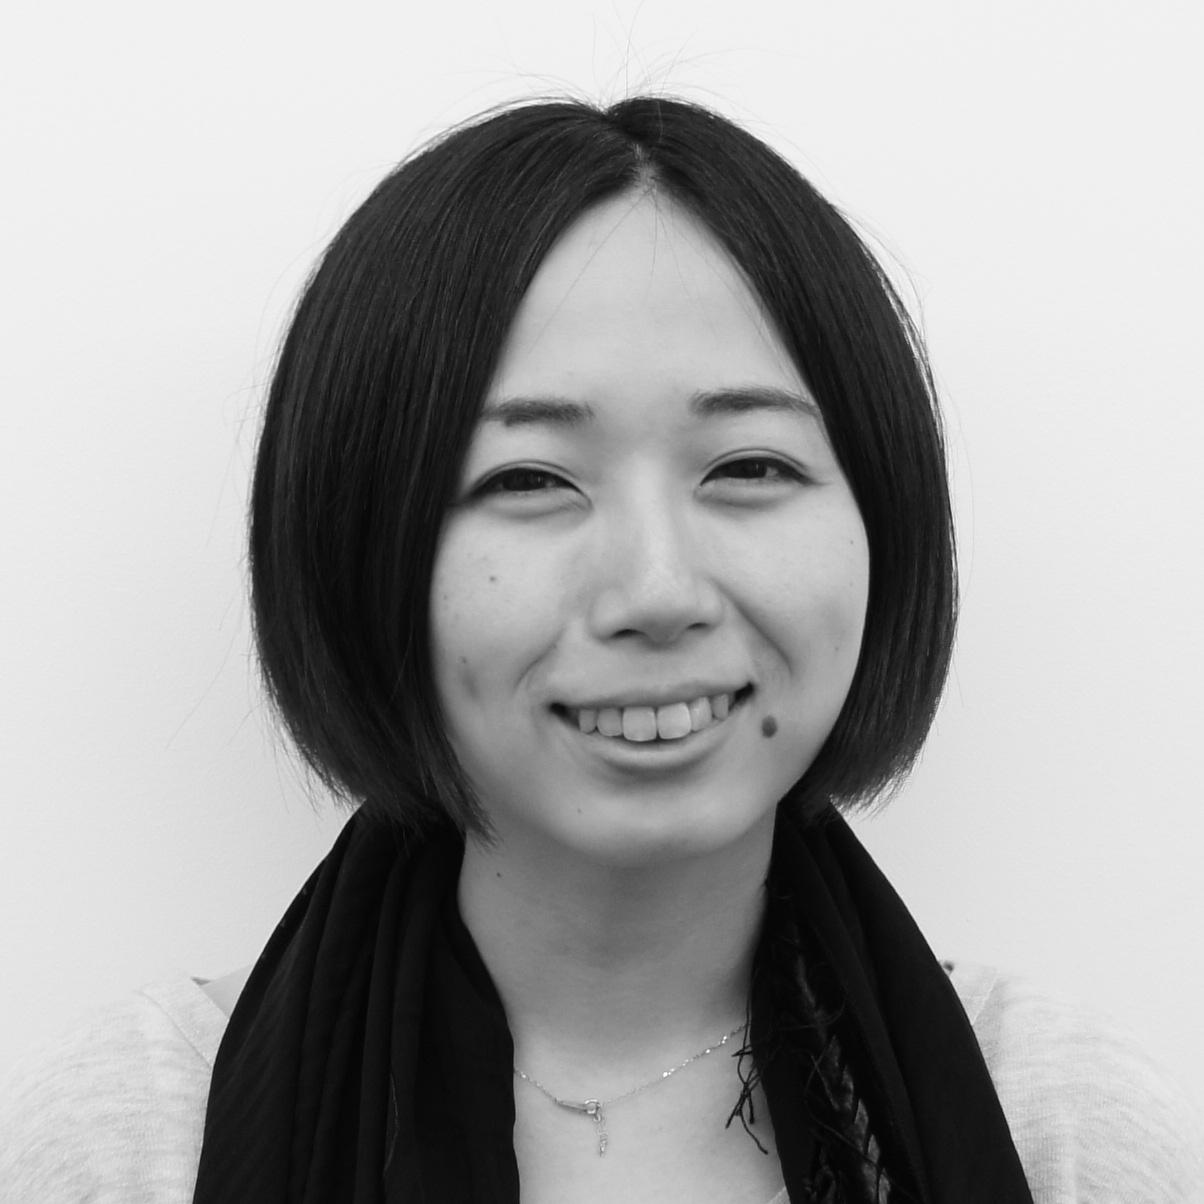 岡崎由佳:芸能人・タレント写真検索エンジン